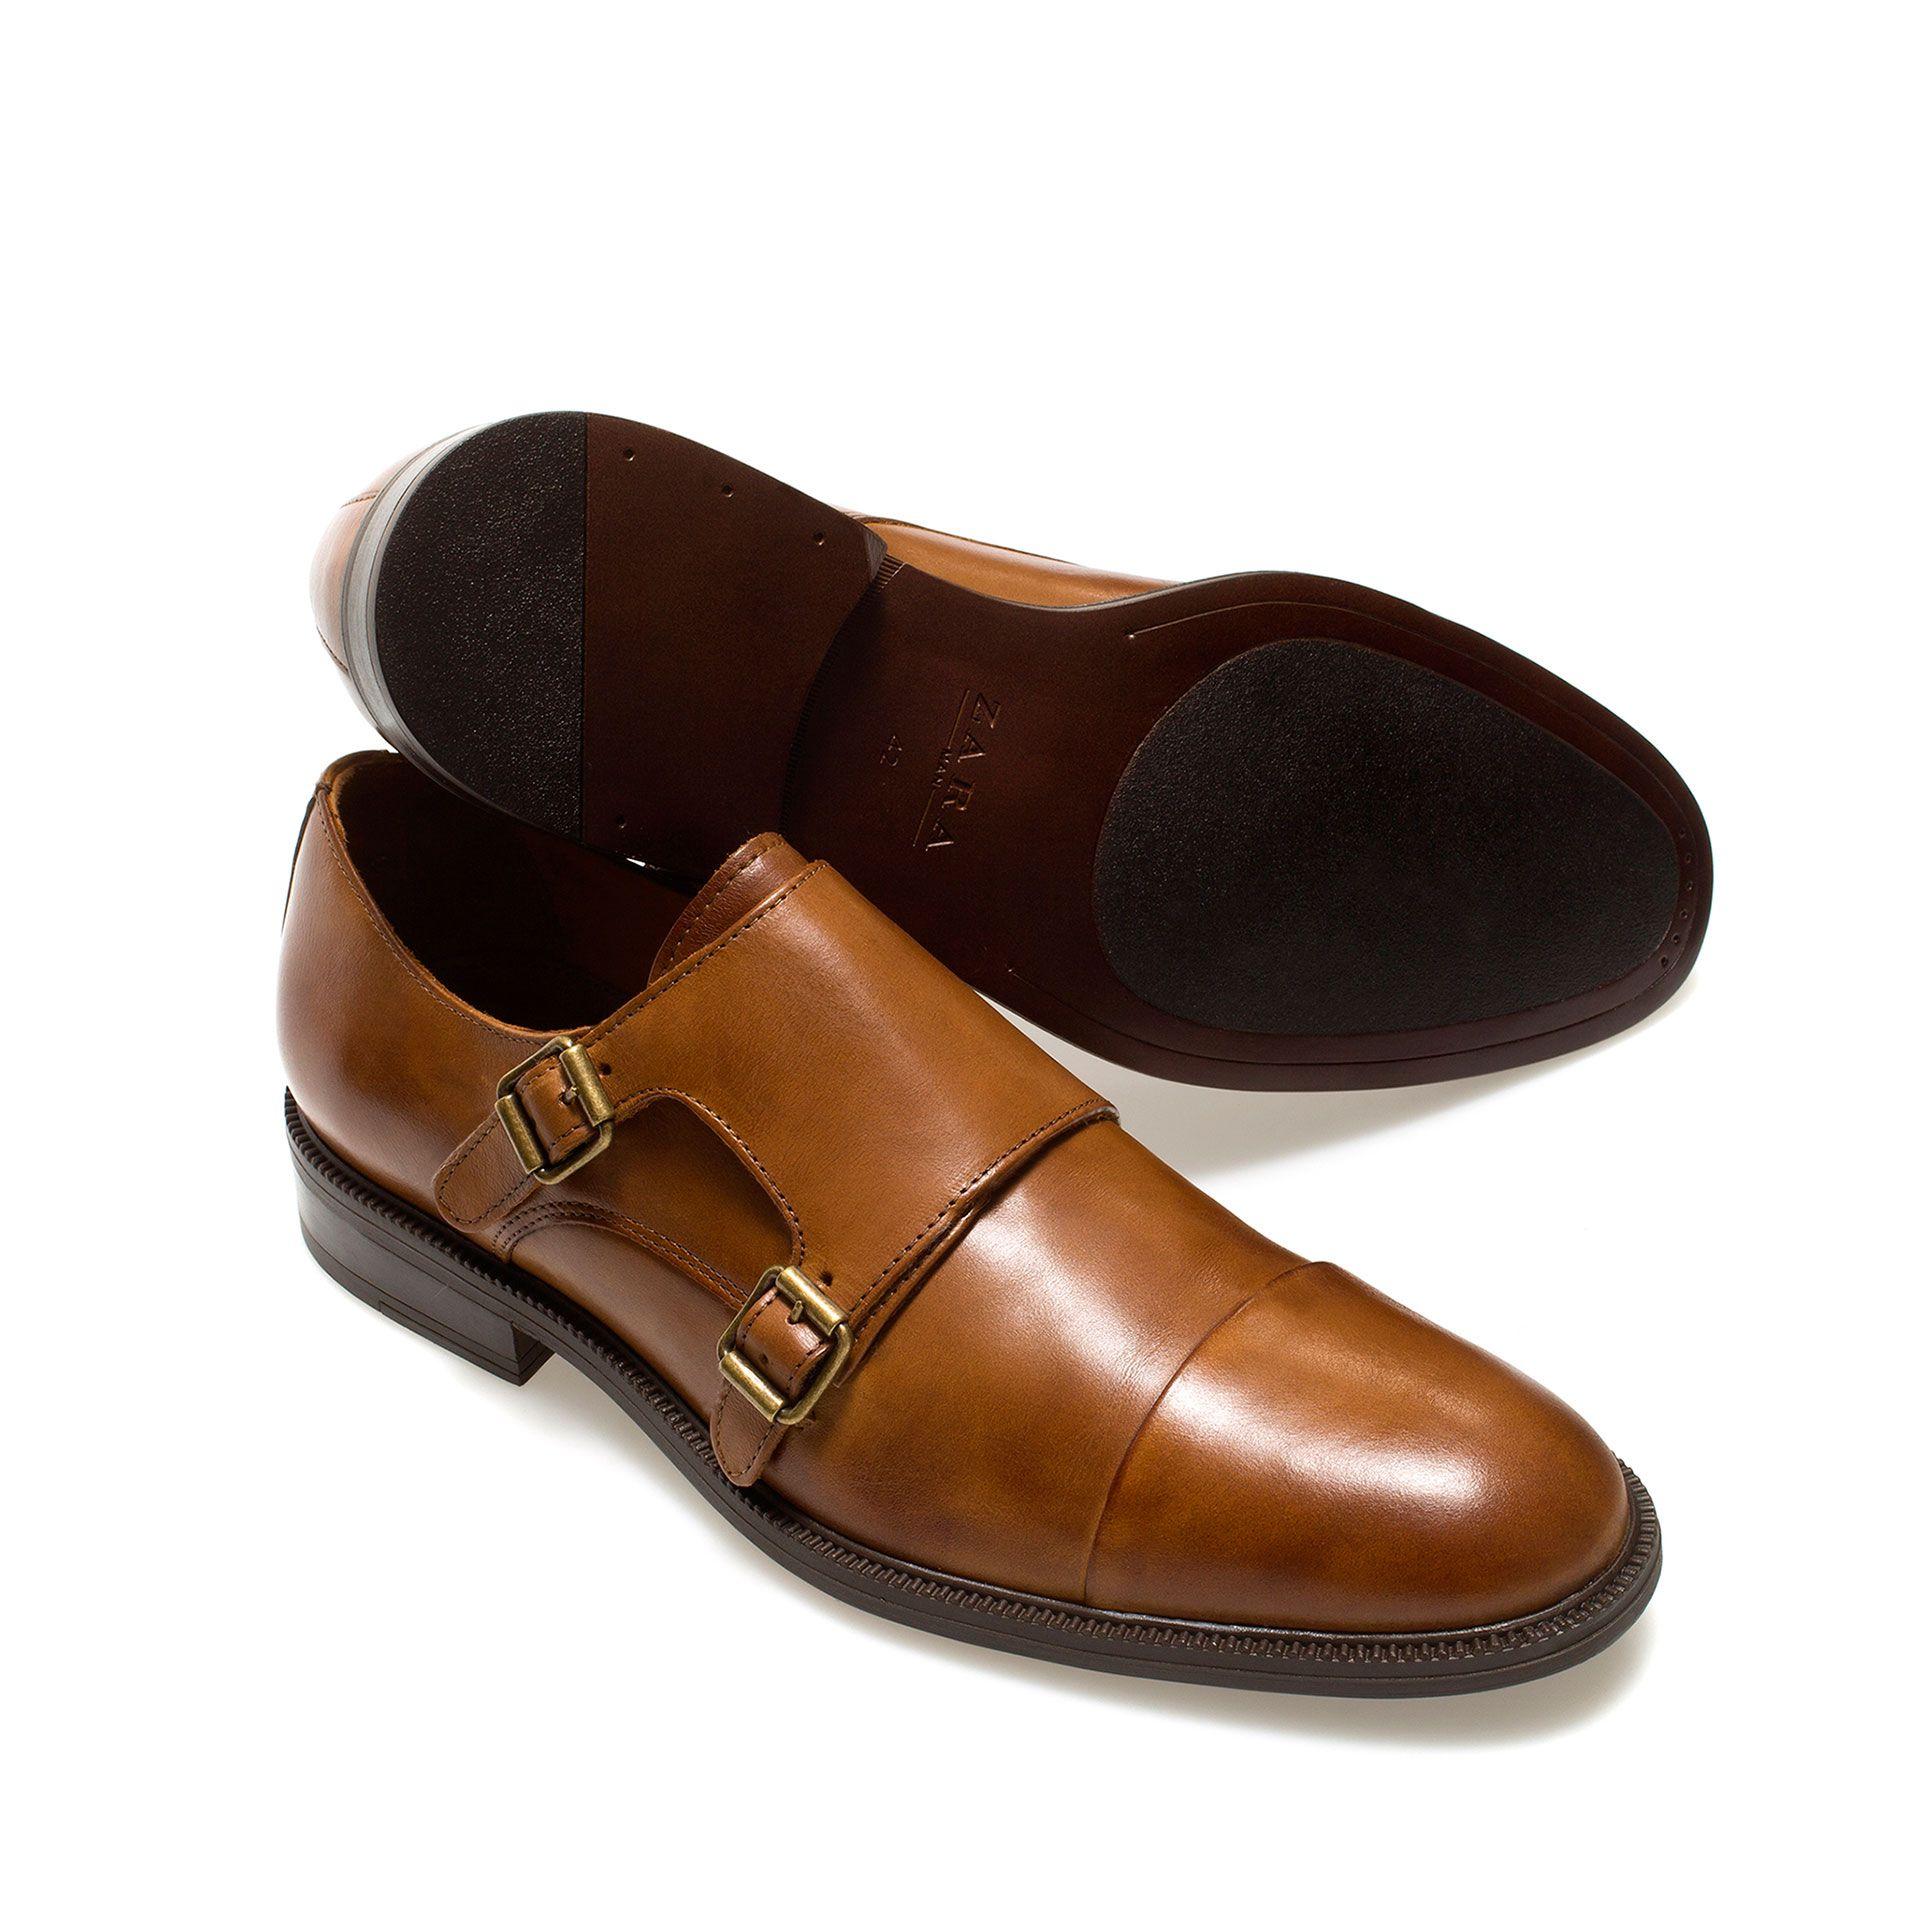 MONK SHOE - Shoes - Man - ZARA Bulgaria | Shoes ...